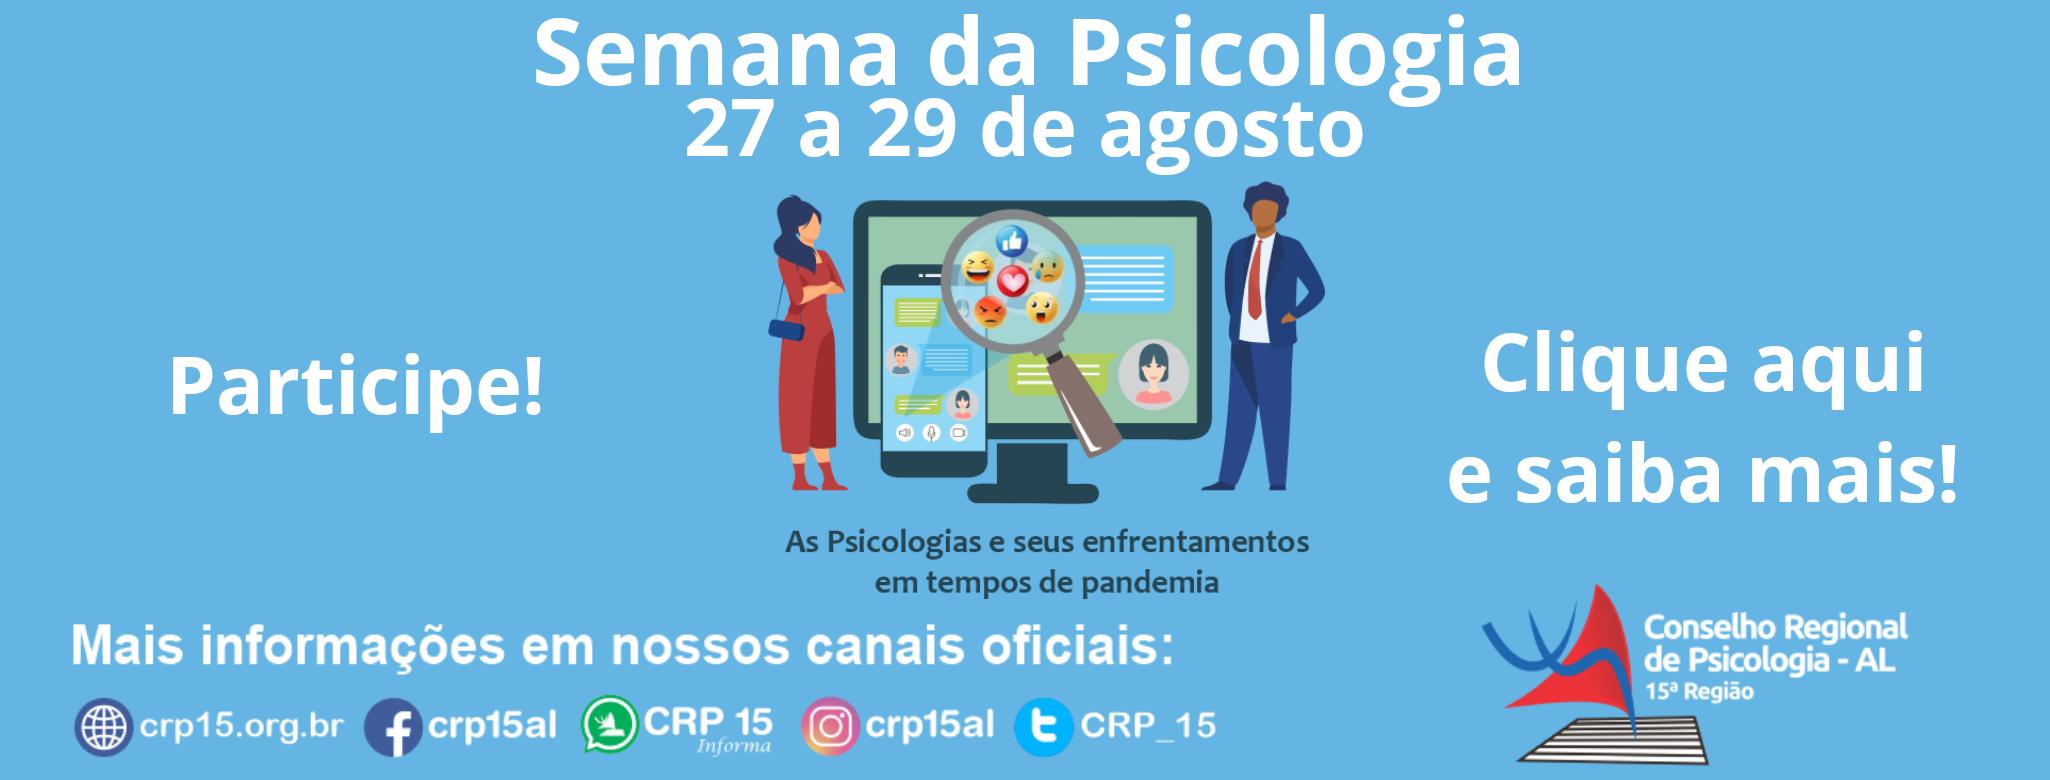 Semana da Psicologia 2020